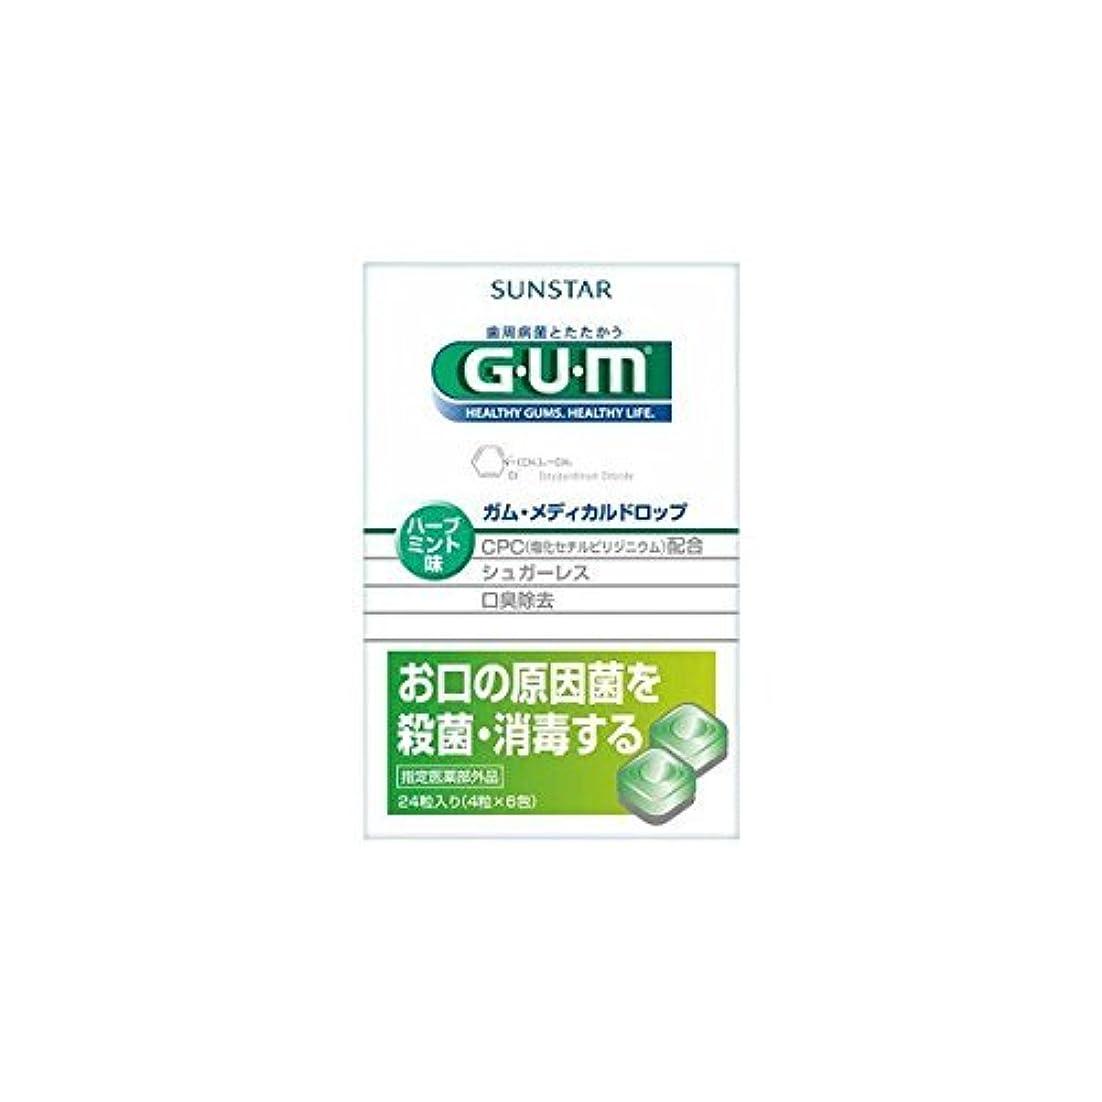 凝縮するビリーバーガー【5個セット】 GUM(ガム) メディカルドロップ ハーブミント 24粒